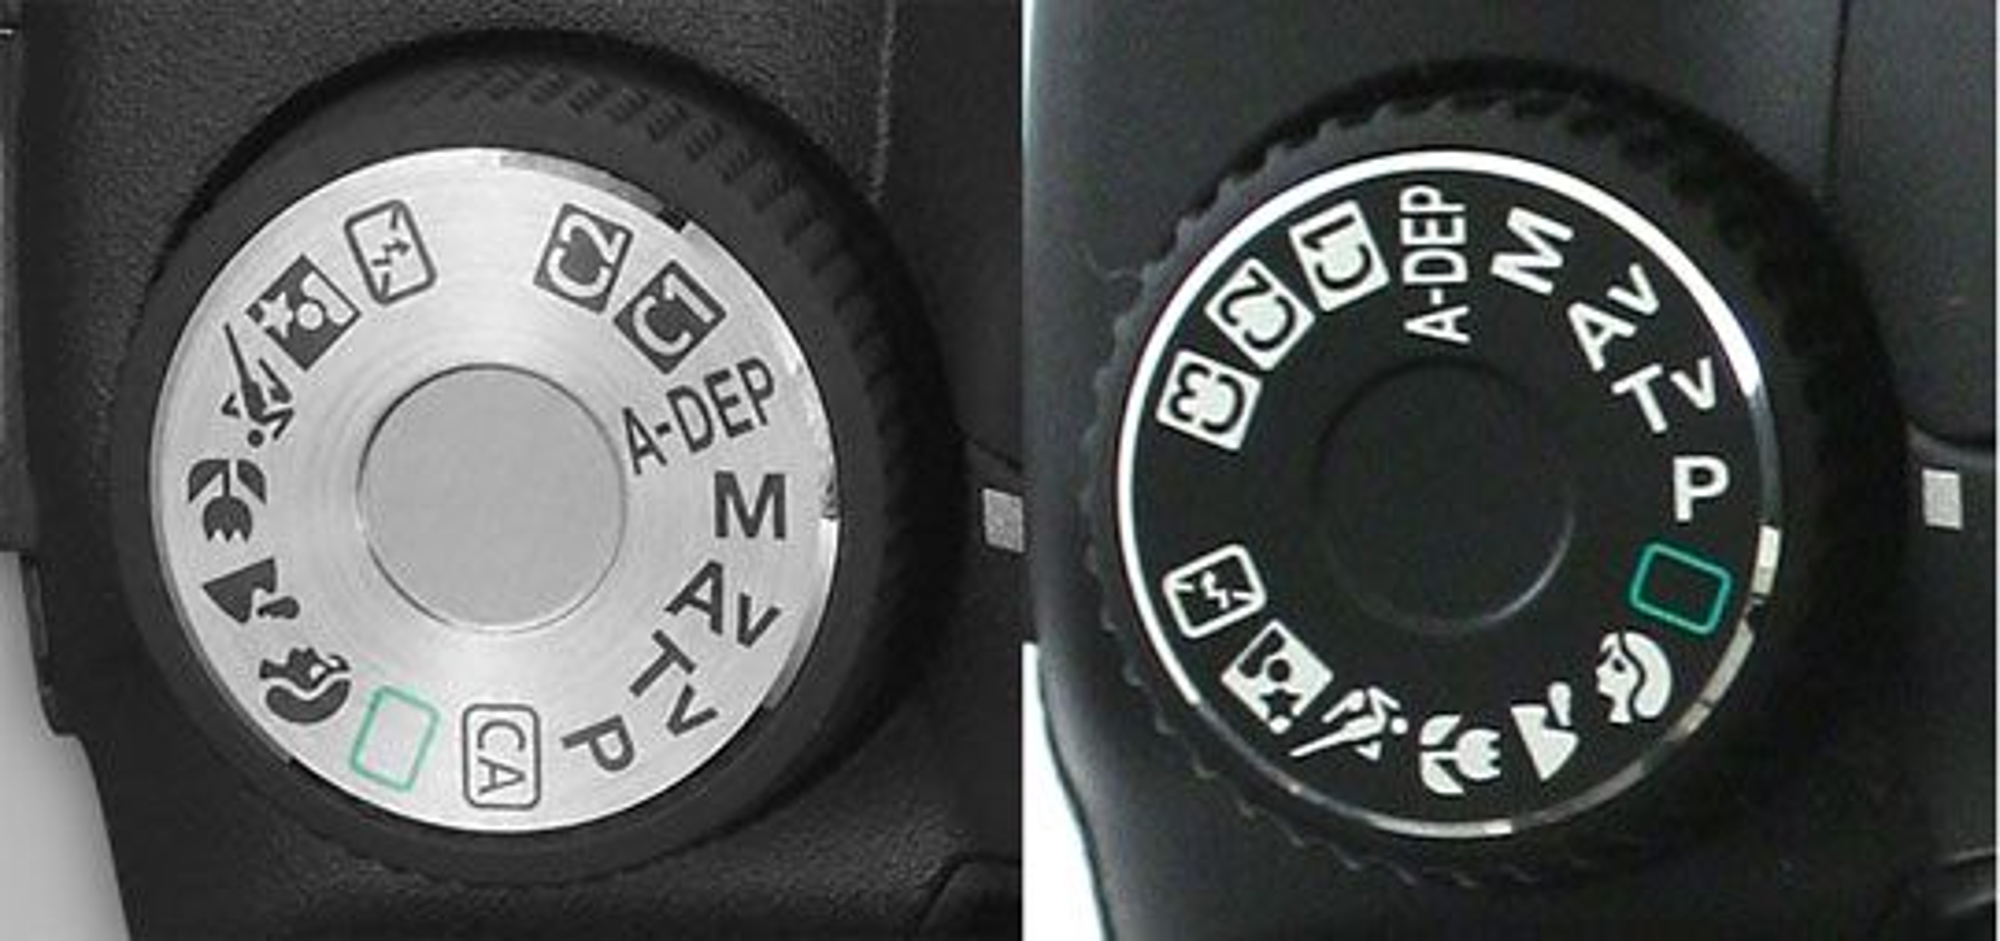 Programhjulet på EOS 50D (tv.) og EOS 40.